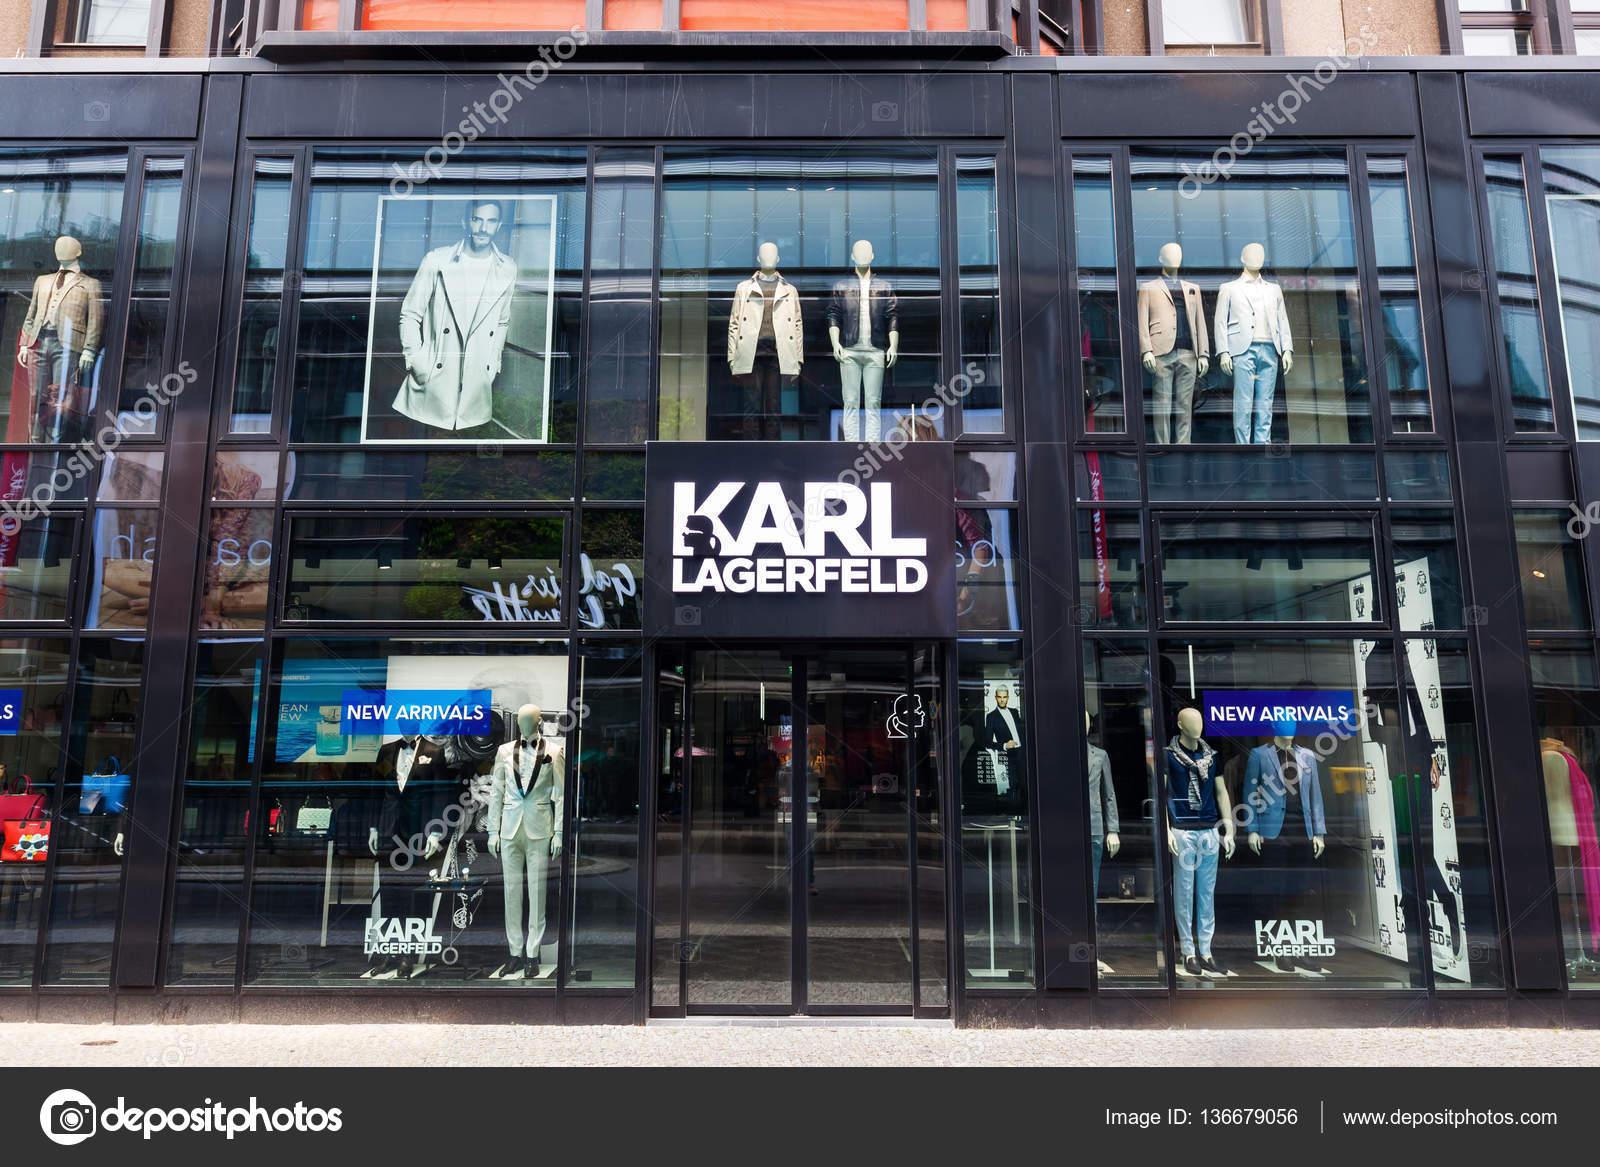 karl lagerfeld shop berlin